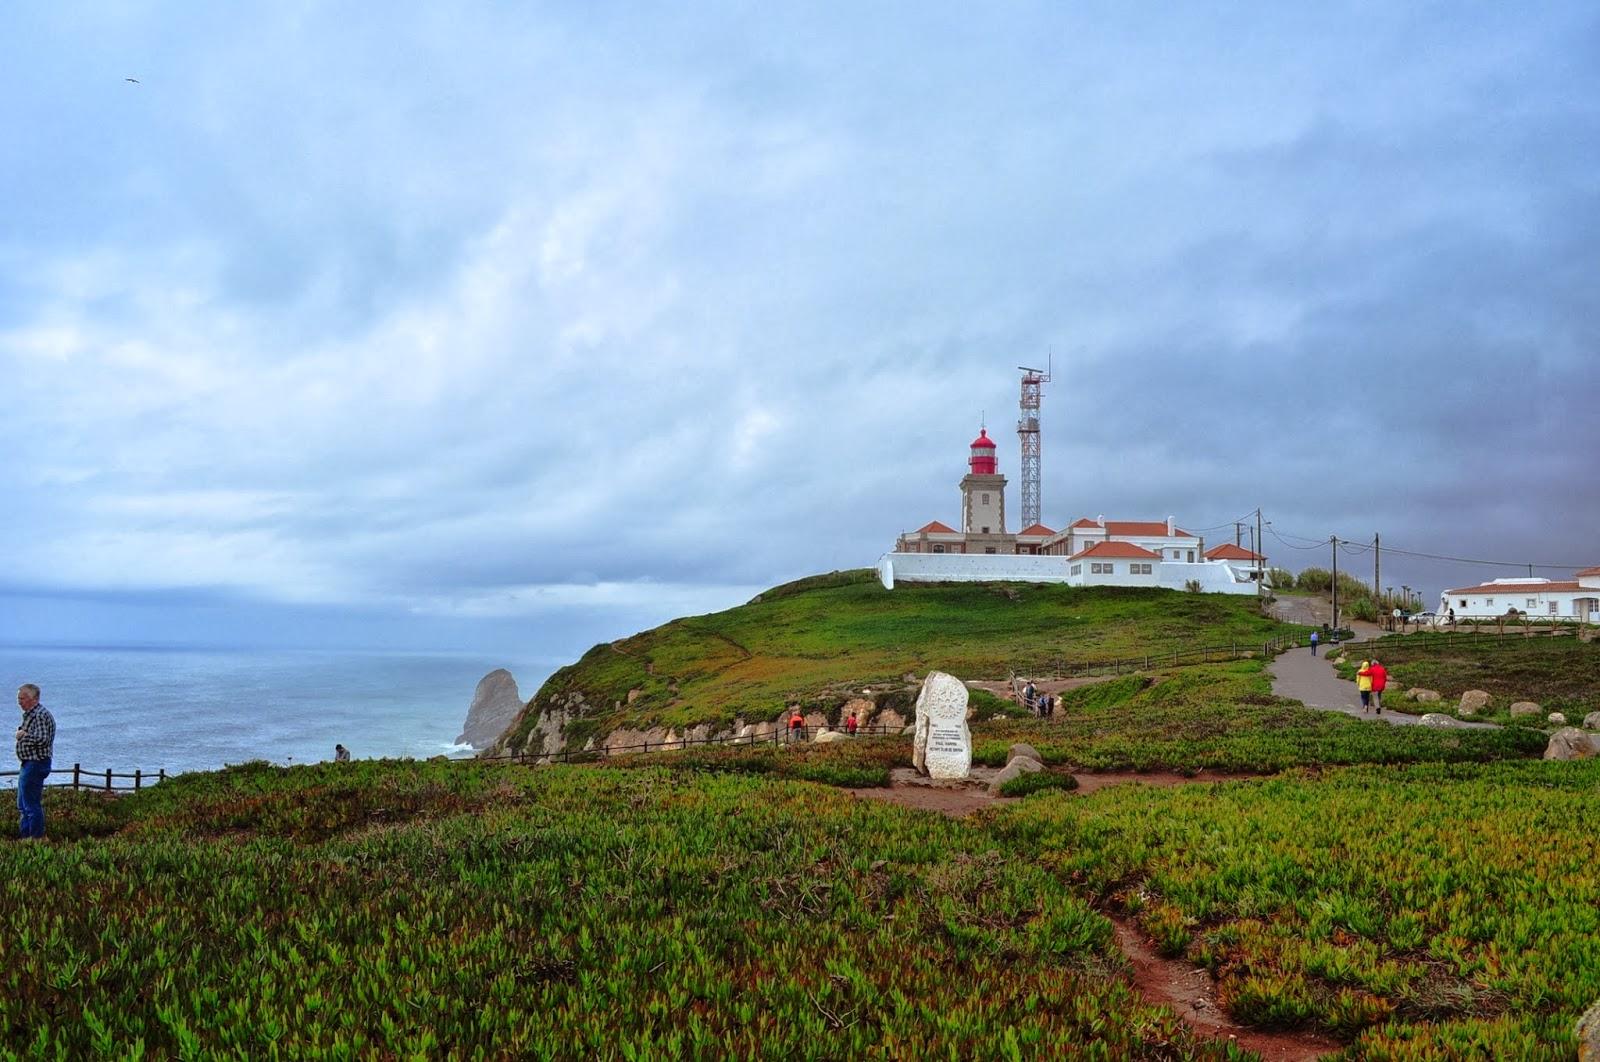 Отправяме си към най-западната част на Стария континент,там където вълните на Атлантика се разпръскват в нозете на чудовищно стръмни скали.